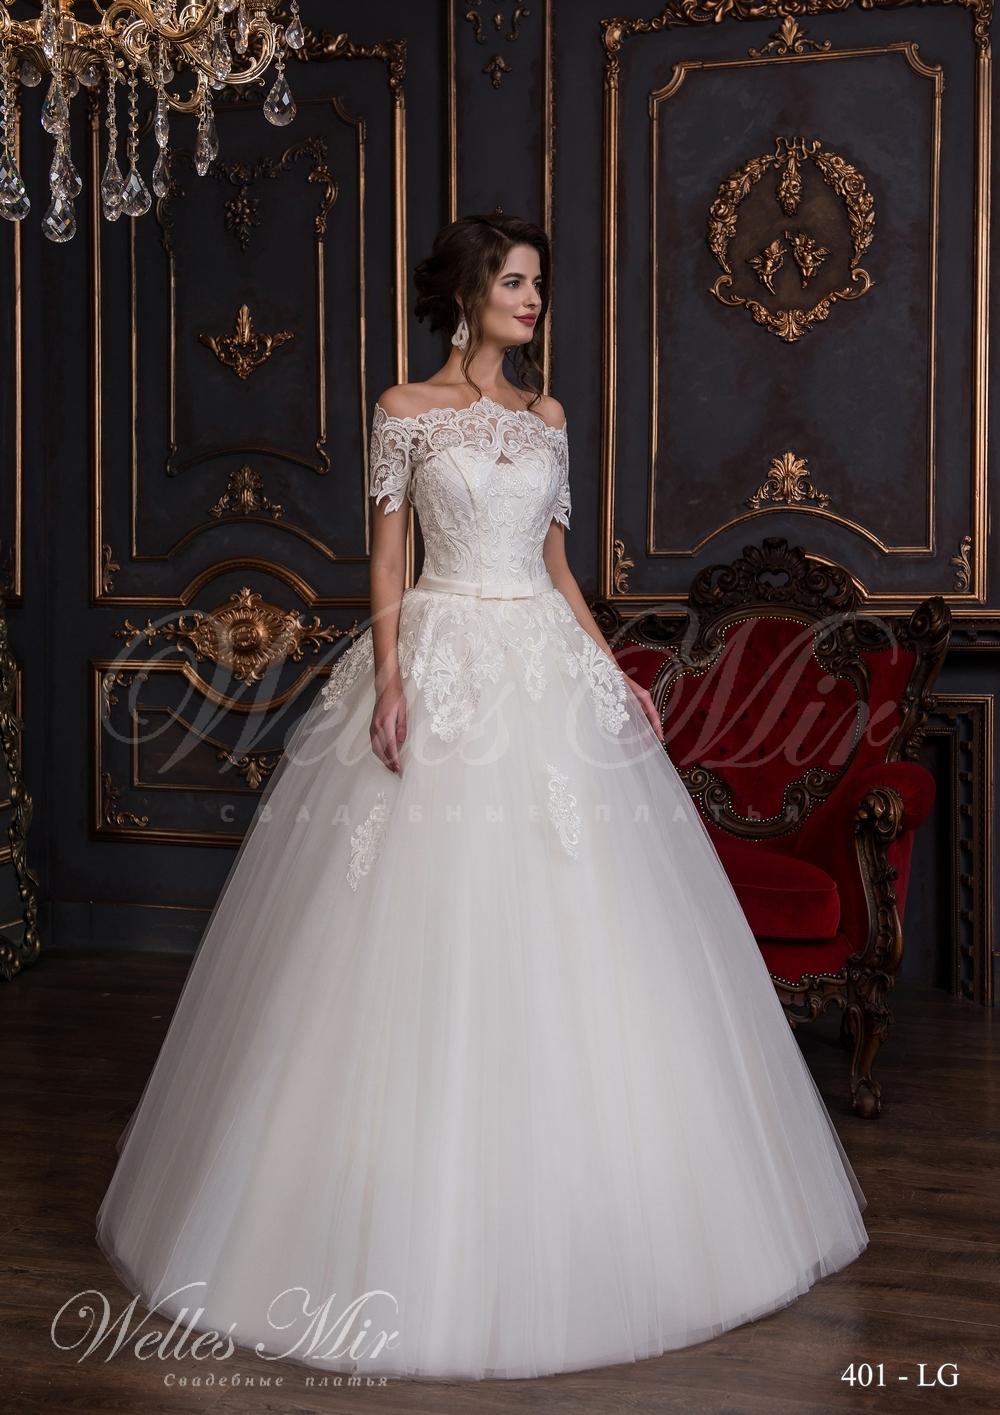 Свадебные платья Luxury collection 2017-2018 - 401-LG